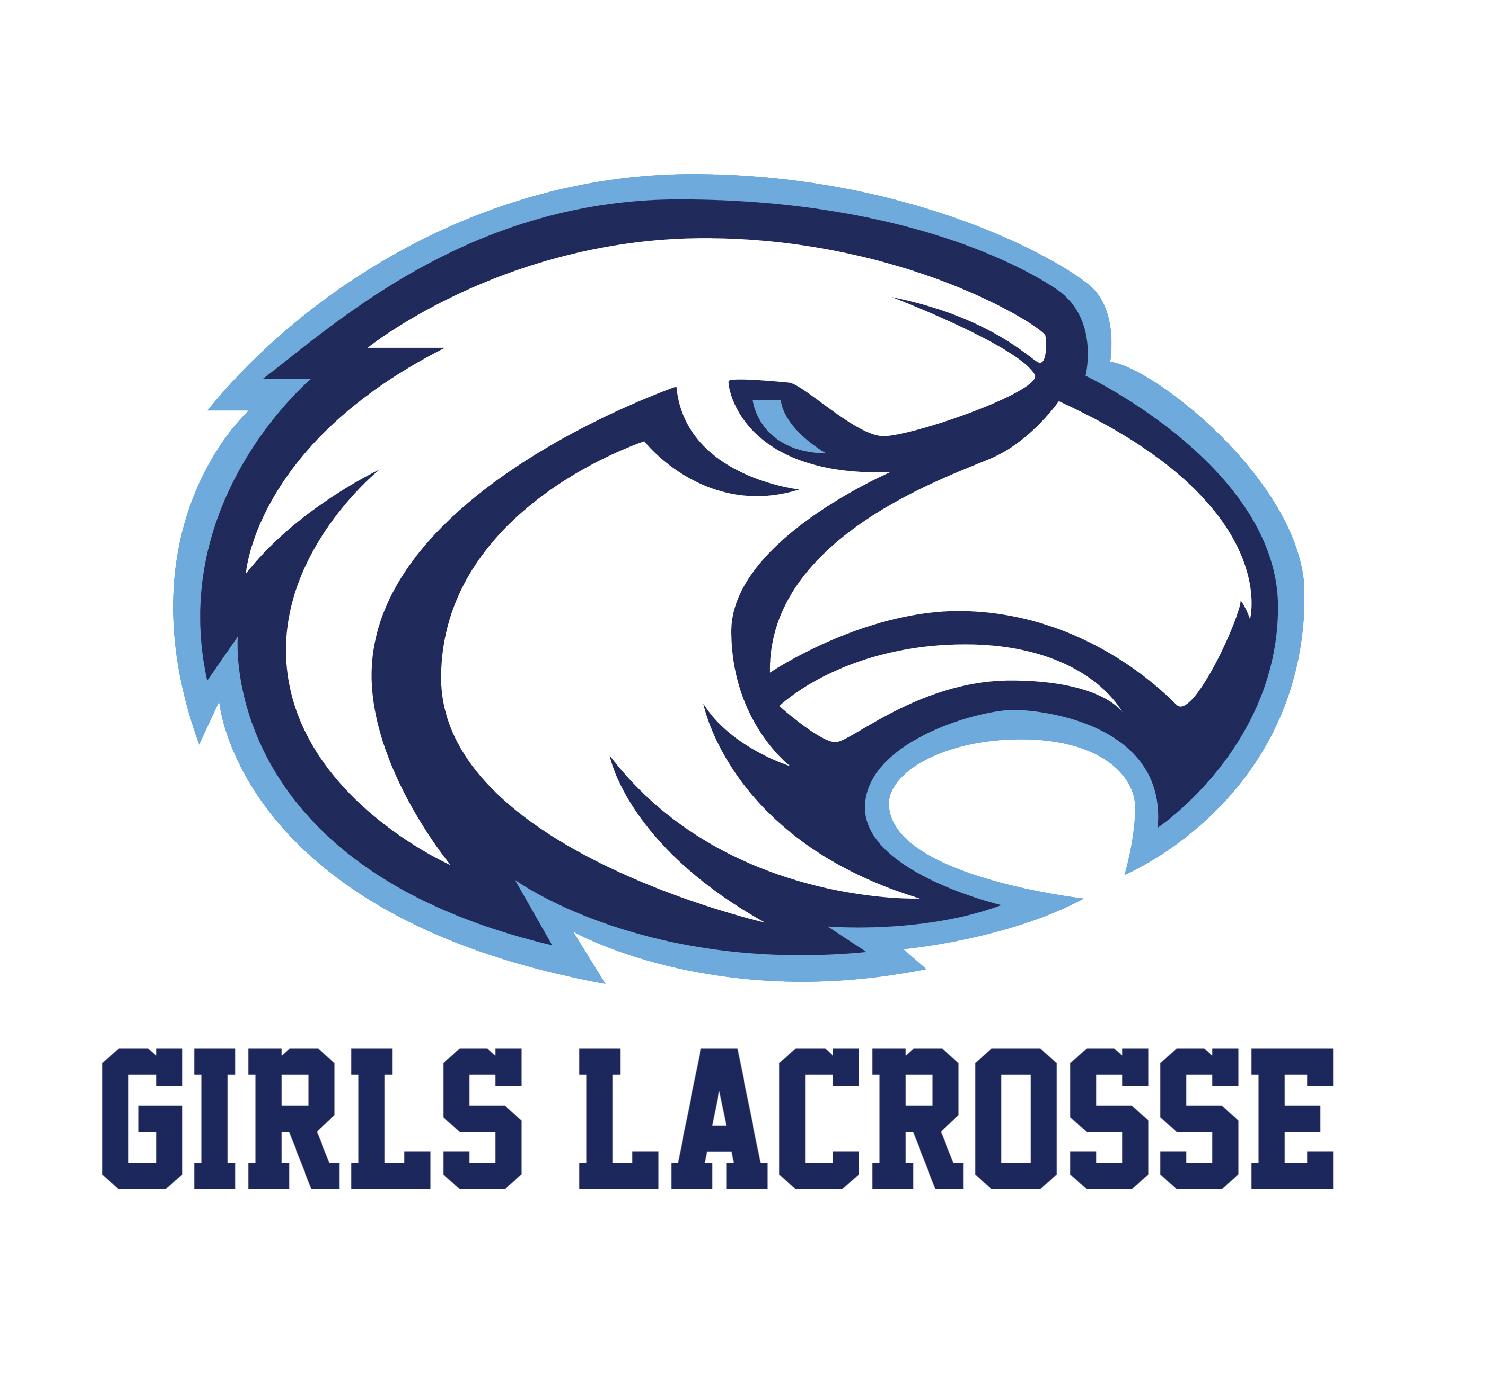 2021 Girls Lacrosse Tryout Information